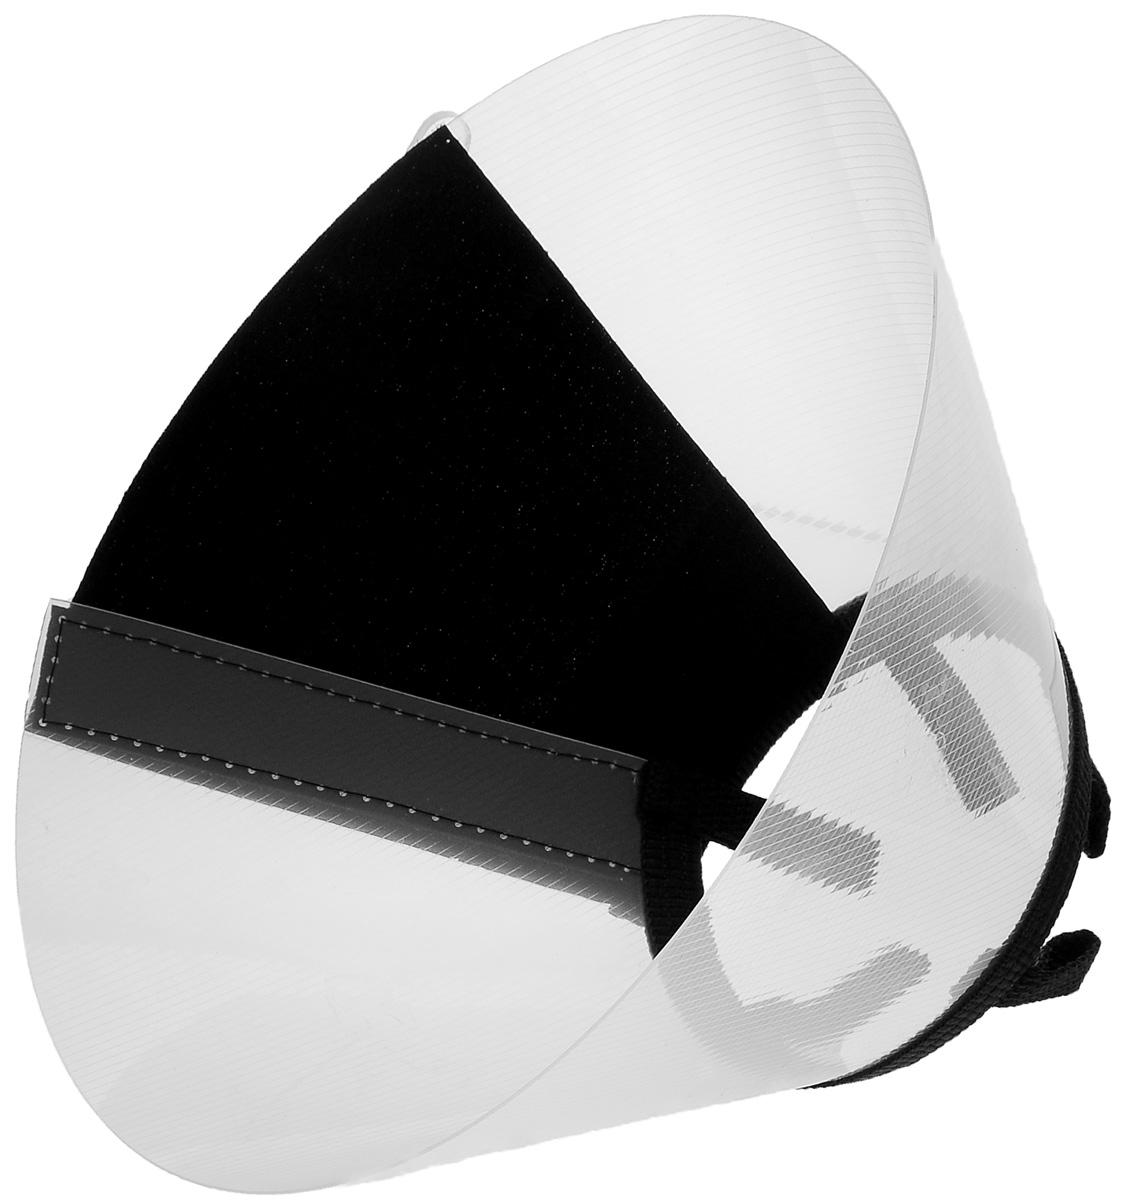 Воротник защитный Талисмед, на липучке, обхват шеи 24-29 см14079Защитный воротник Талисмед изготовлен из высококачественного нетоксичного пластика, который позволяет сохранять углы обзора для животного. Изделие разработано для ограничения доступа собаки к заживающей ране или послеоперационному шву. Простота в эксплуатации позволяет хозяевам самостоятельно одевать и снимать защитный воротник с собаки. Воротник крепится закрепляется при помощи липучки.Обхват шеи: 24-29 см.Высота воротника: 10,5 см.